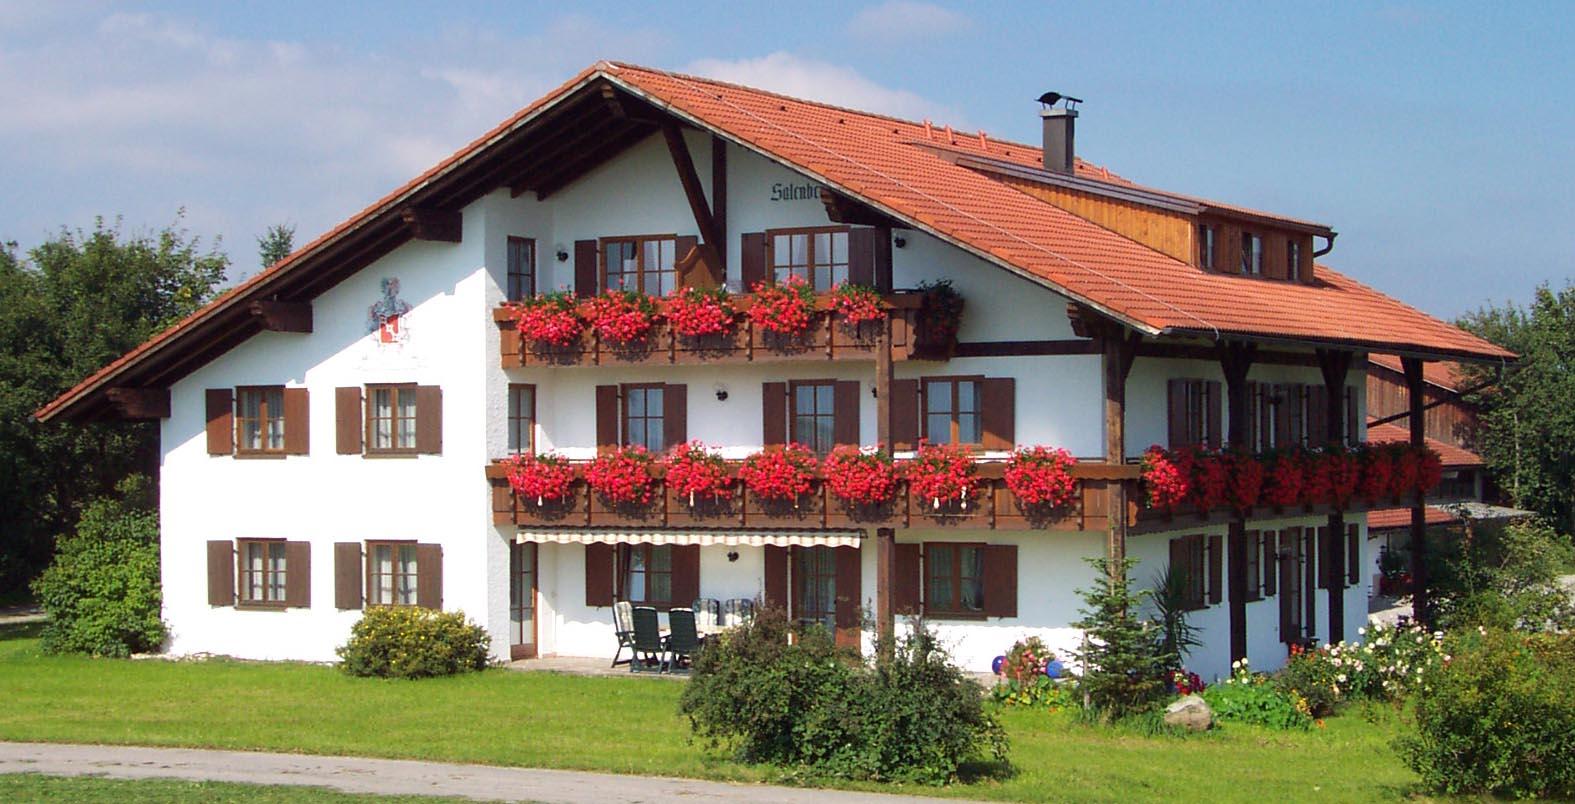 Der Salenberghof